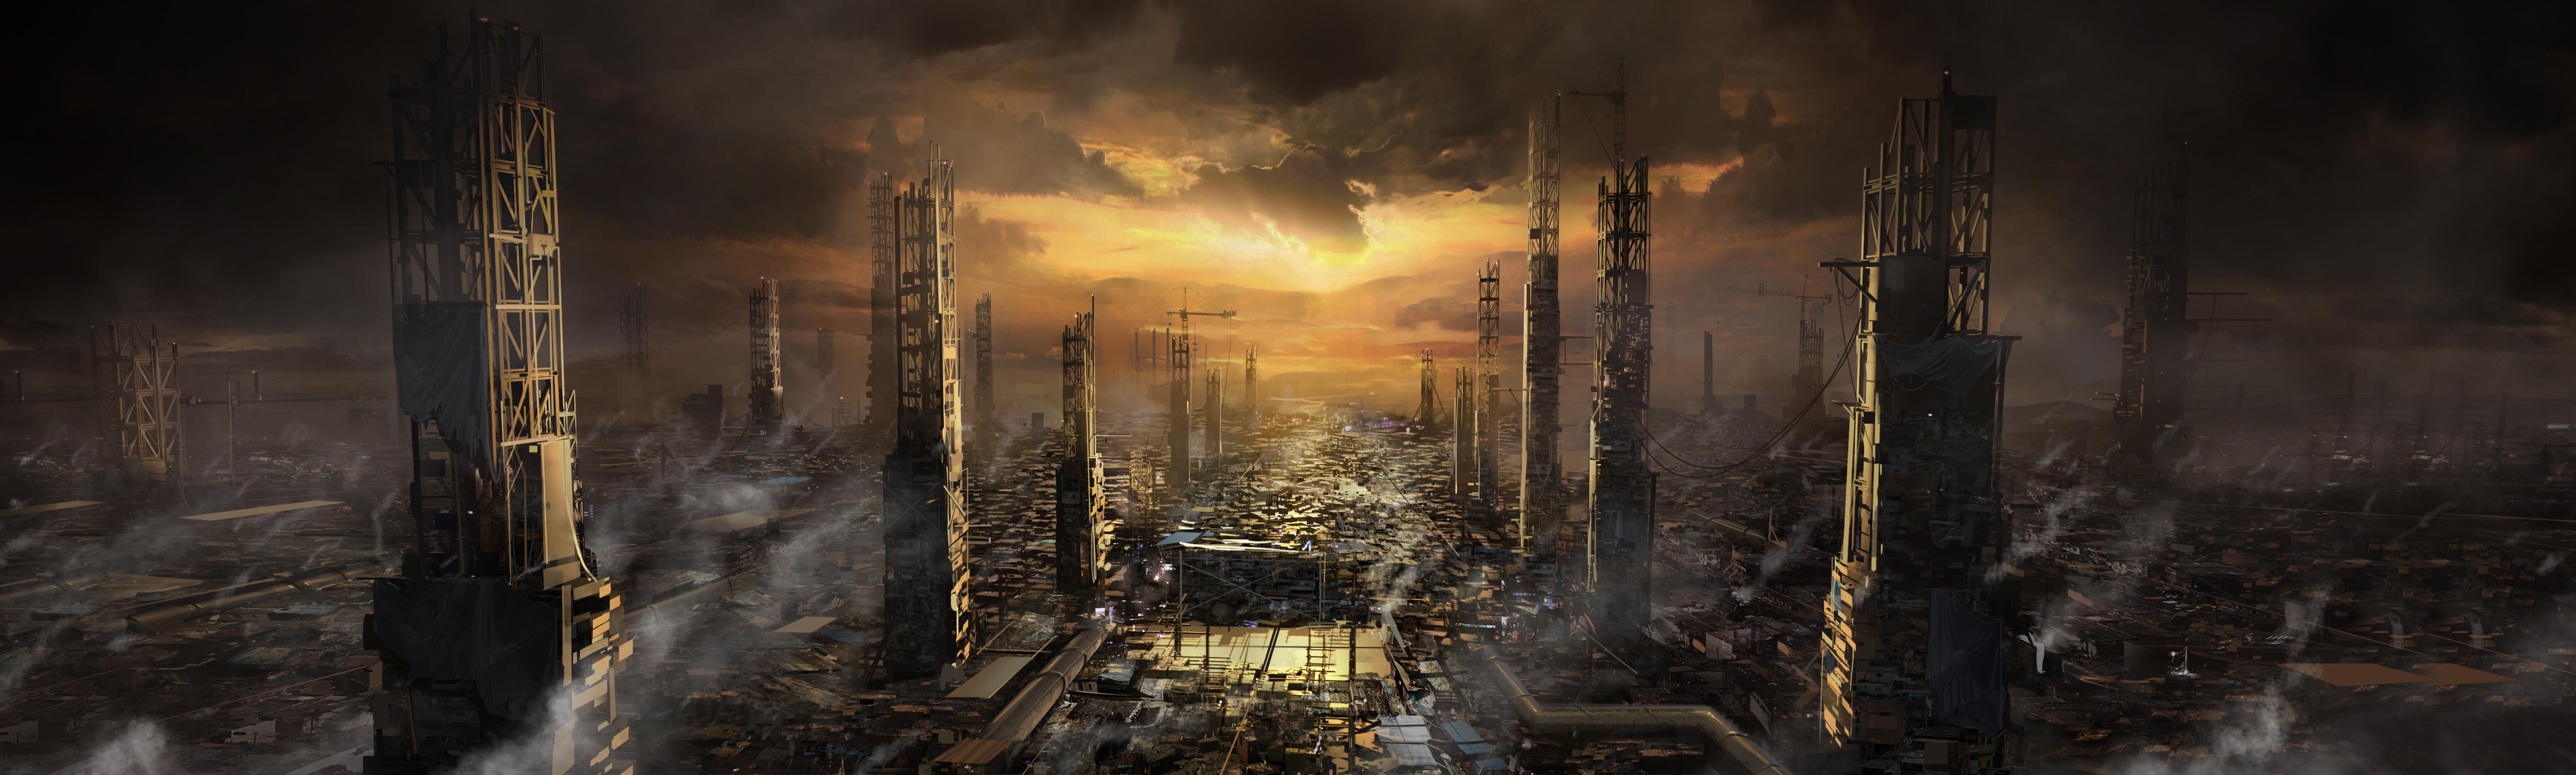 Množství obrazových materiálů z Deus Ex: Mankind Divided 111608